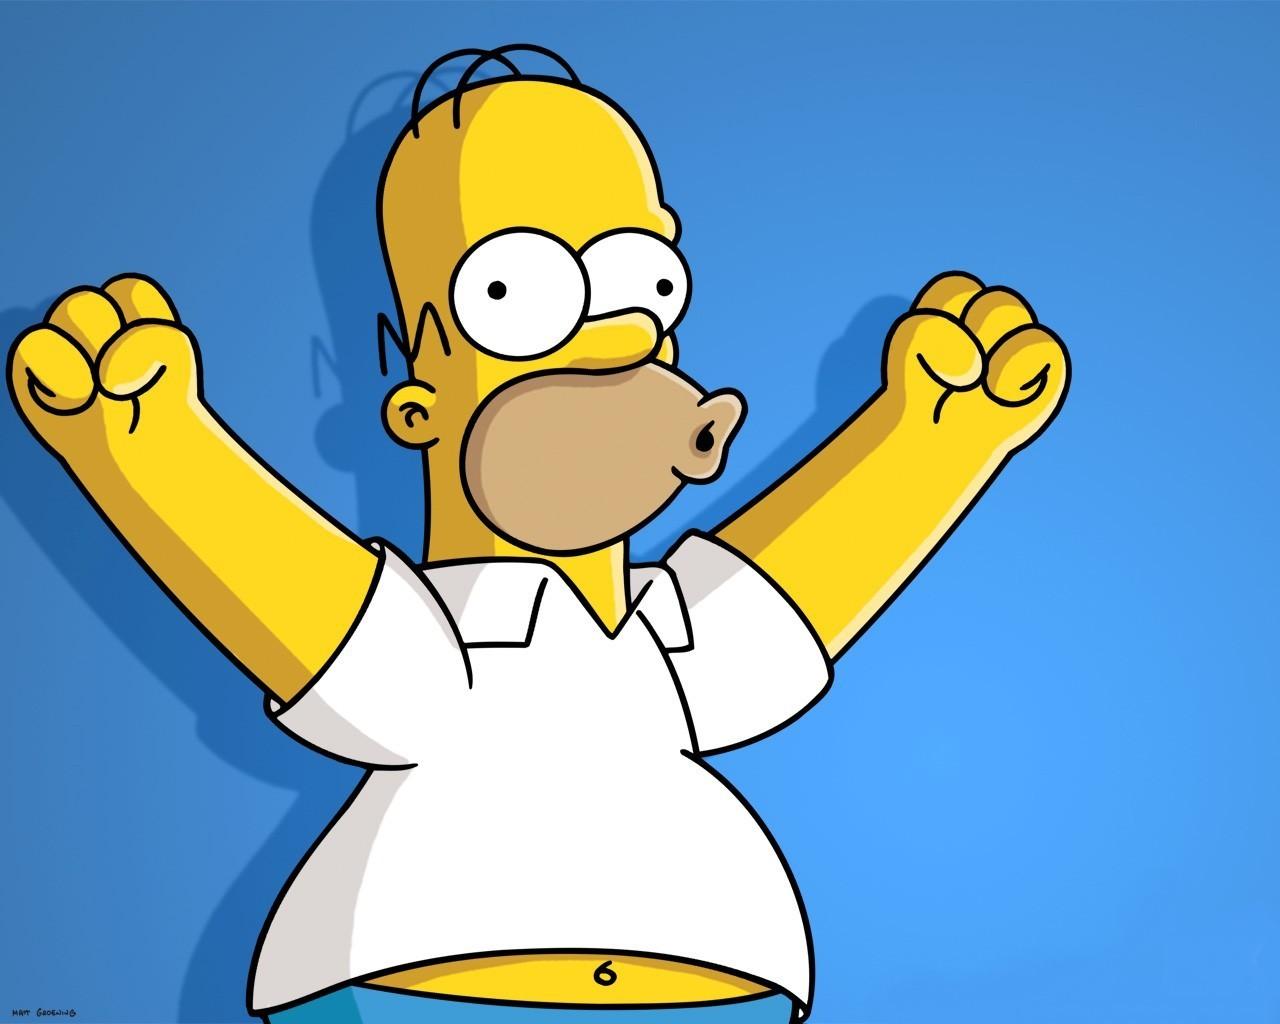 Frases de Homero Simpson: las mejores frases de Homero Simpson